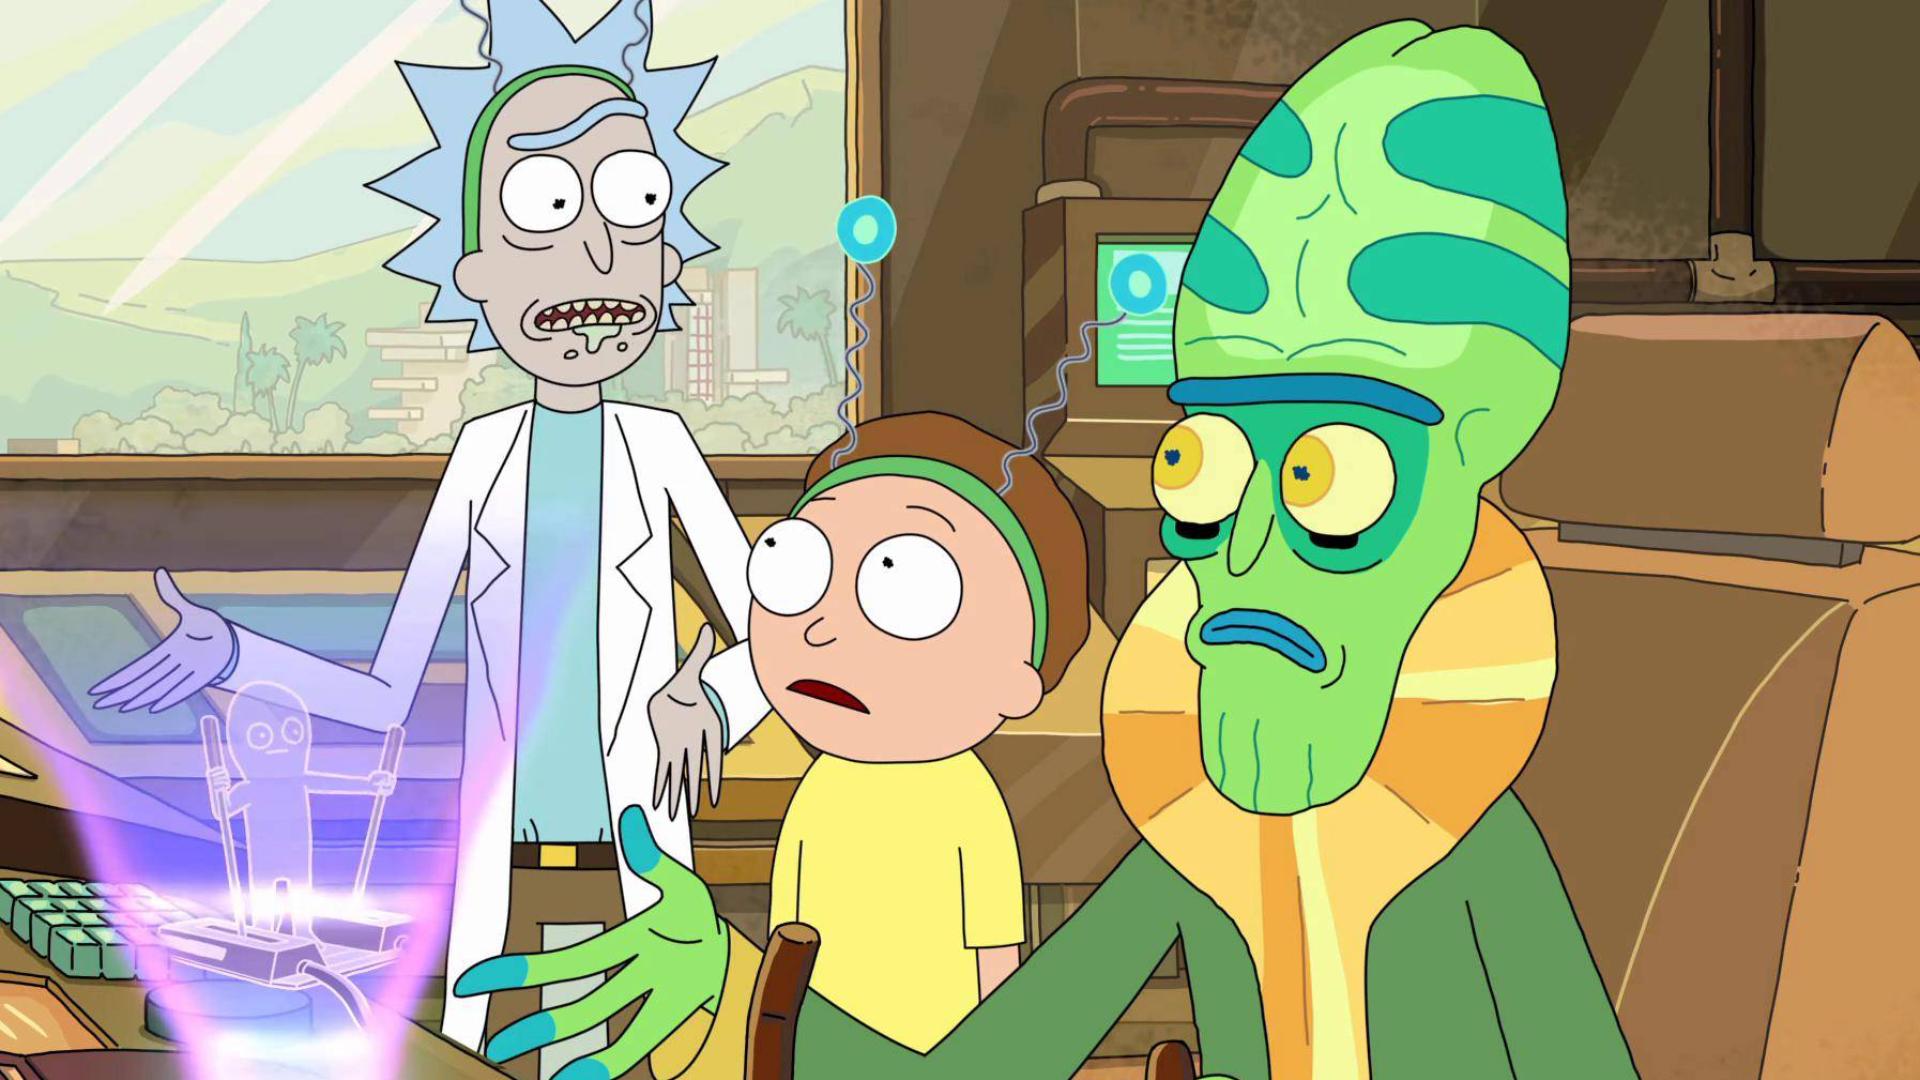 【瑞克和莫蒂】一块电池三层宇宙!天才也要向命运妥协,豆瓣9.8分